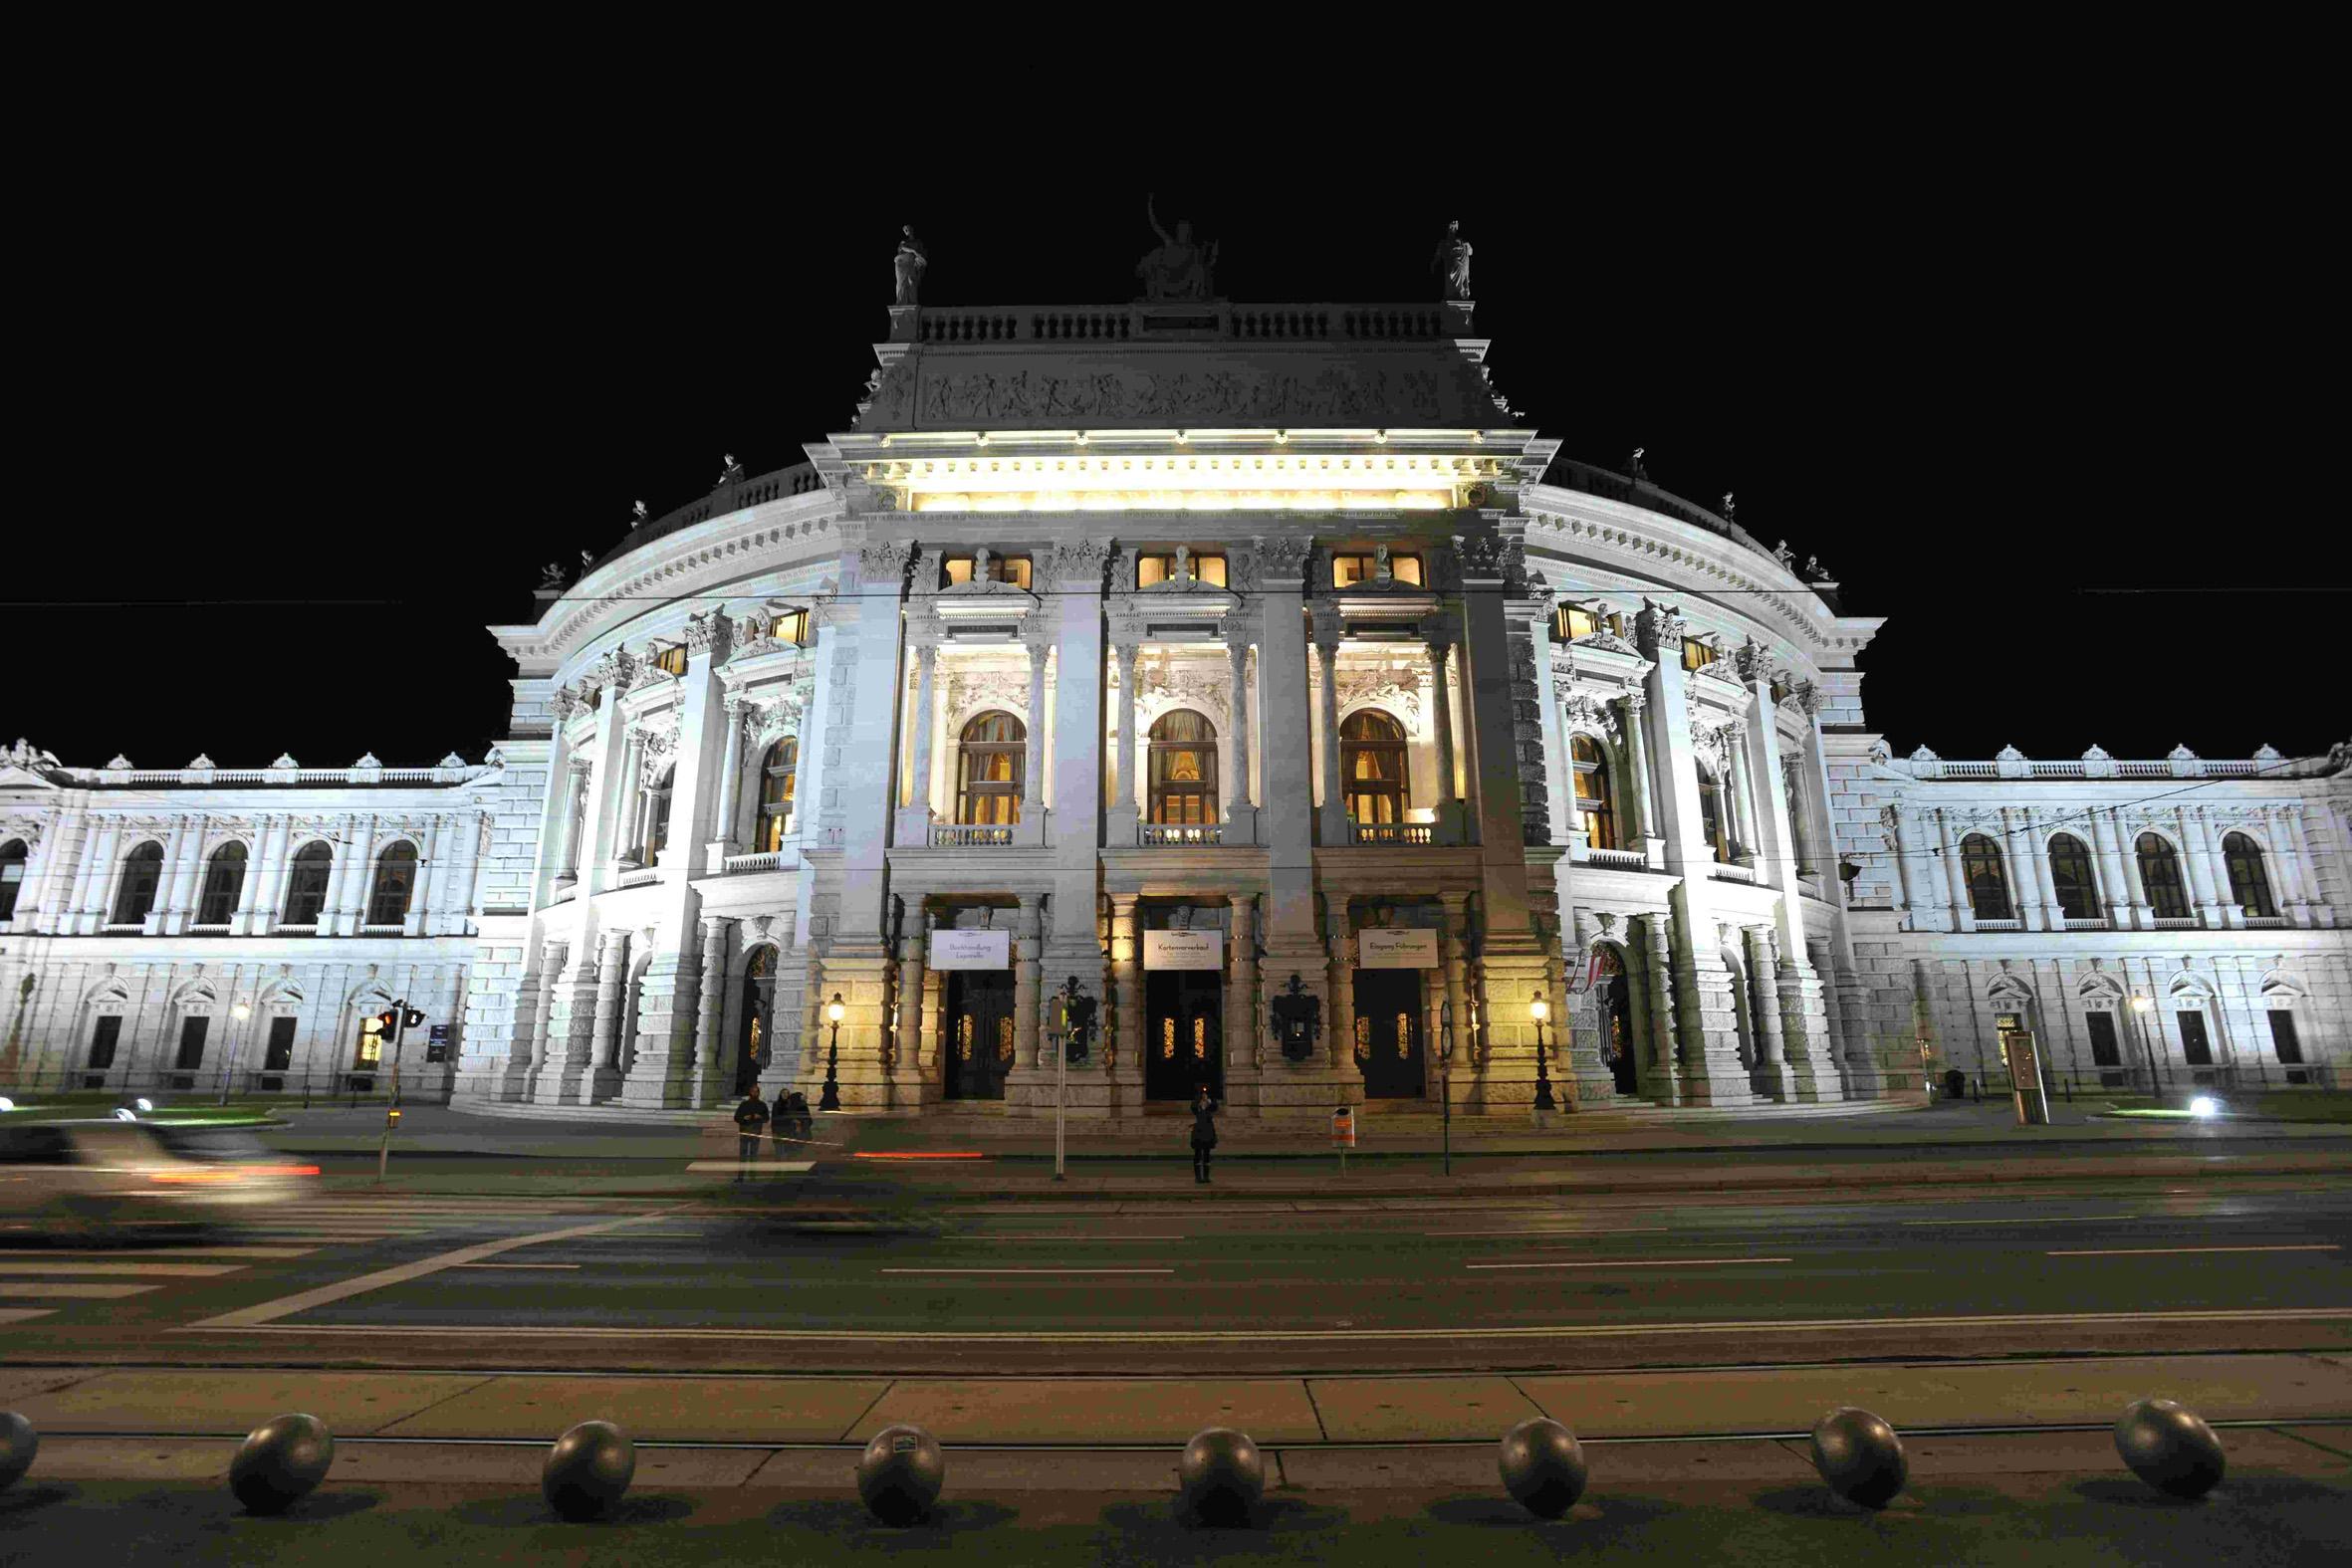 Bosch Rexroth installierte Bühnenleitsteuerung: Burgtheater mit Technik-Premiere